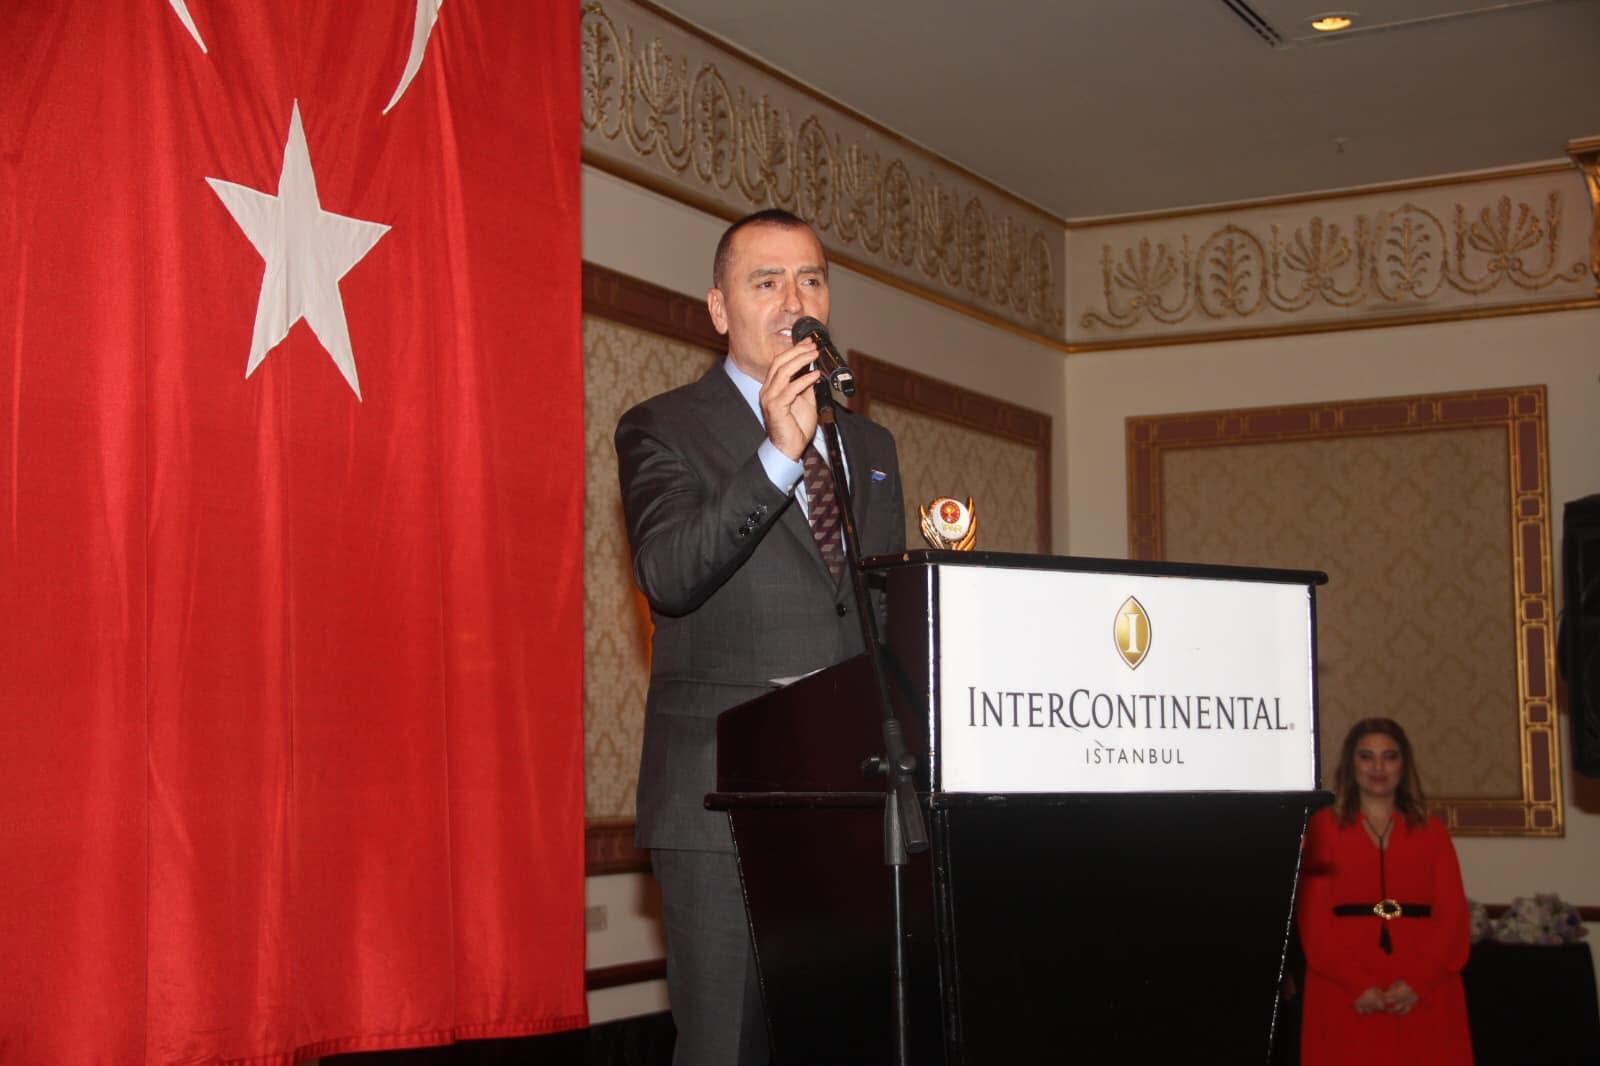 Bir 2 kişi, ayakta duran insanlar ve şunu diyen bir yazı 'INTERCONTINENTAL. ISTANBUL' görseli olabilir